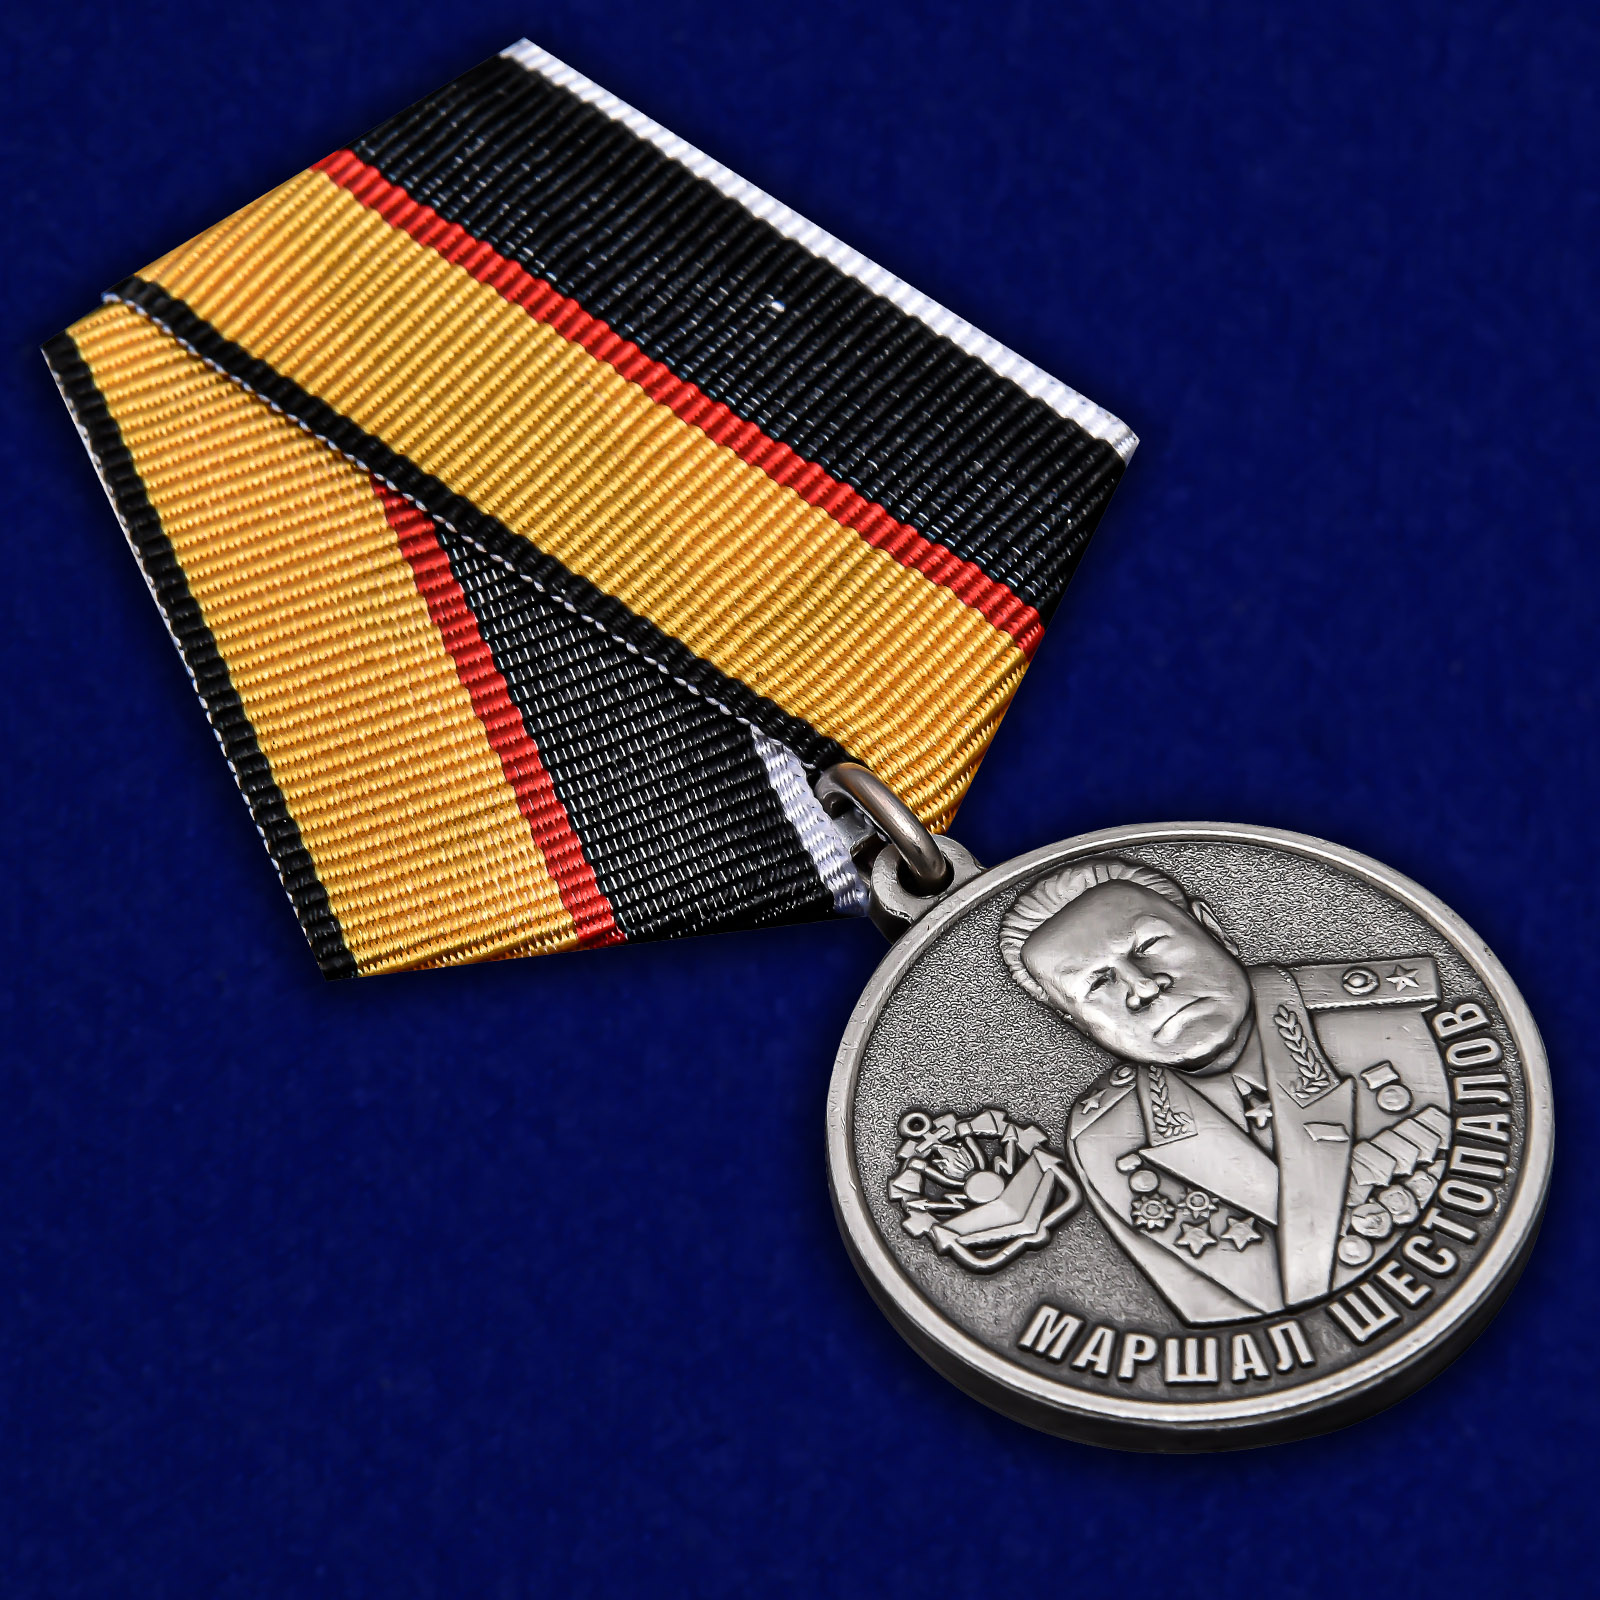 Наградная медаль Маршал Шестопалов МО РФ - общий вид